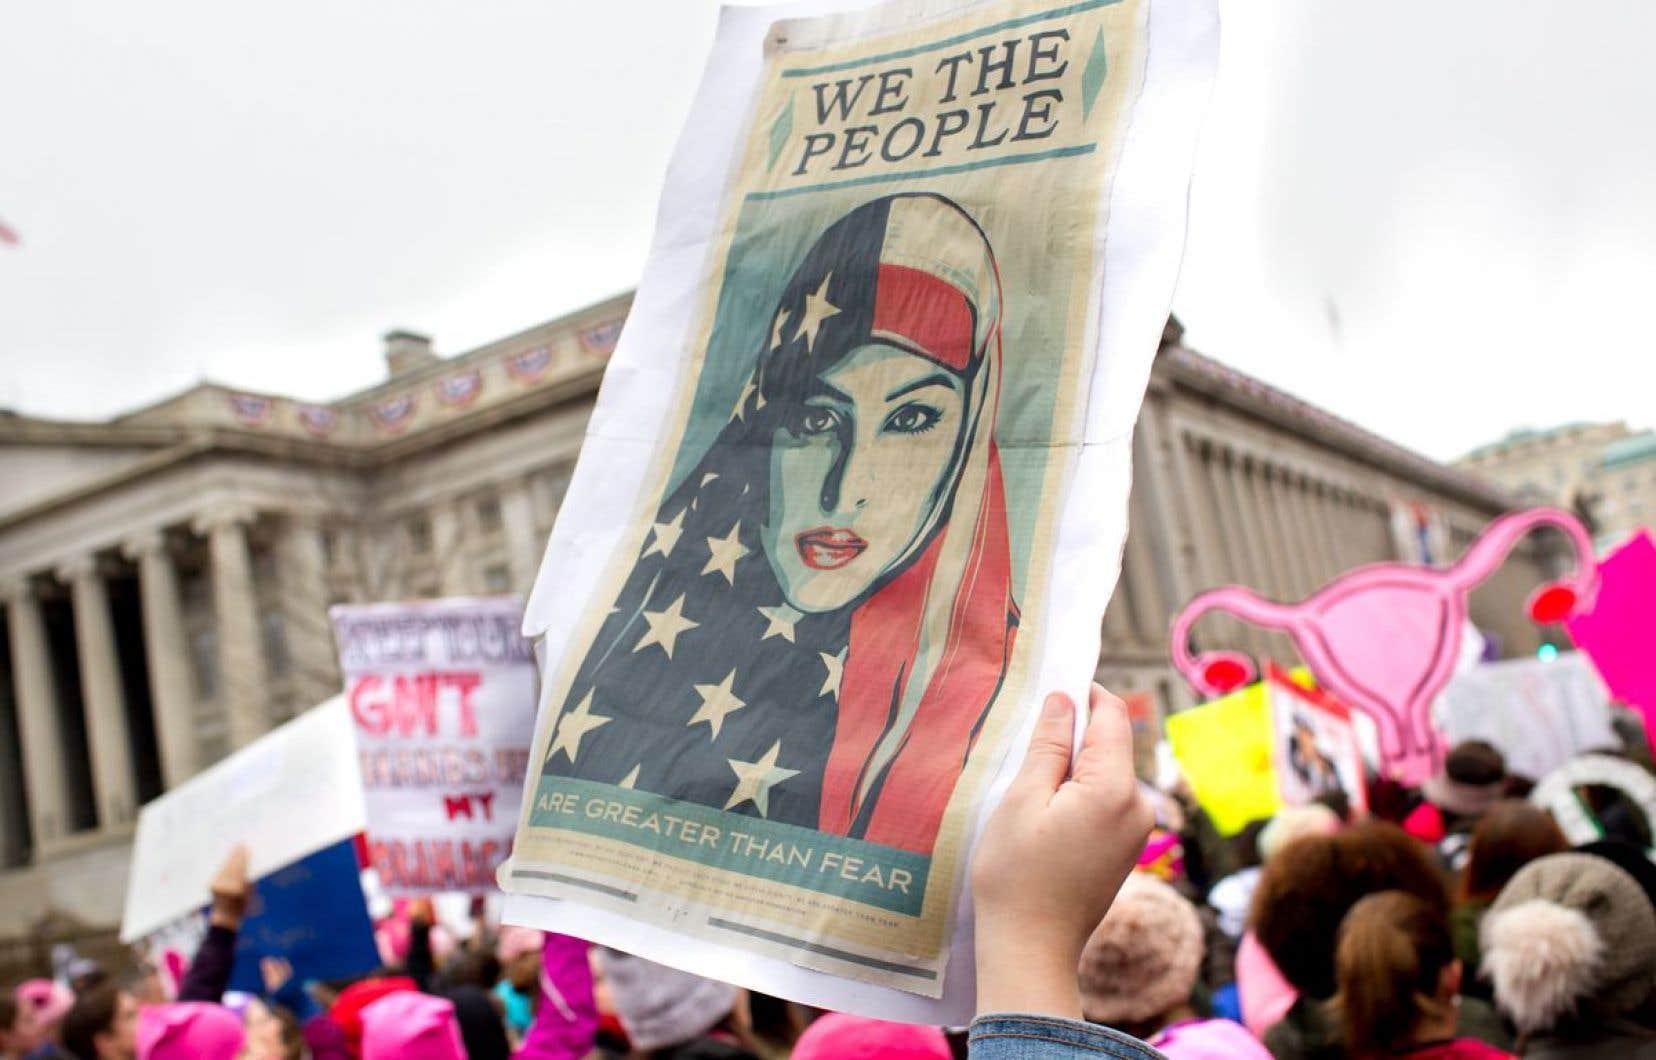 La Marche des femmes a attiré des centaines de milliers de personnes samedi à Washington.